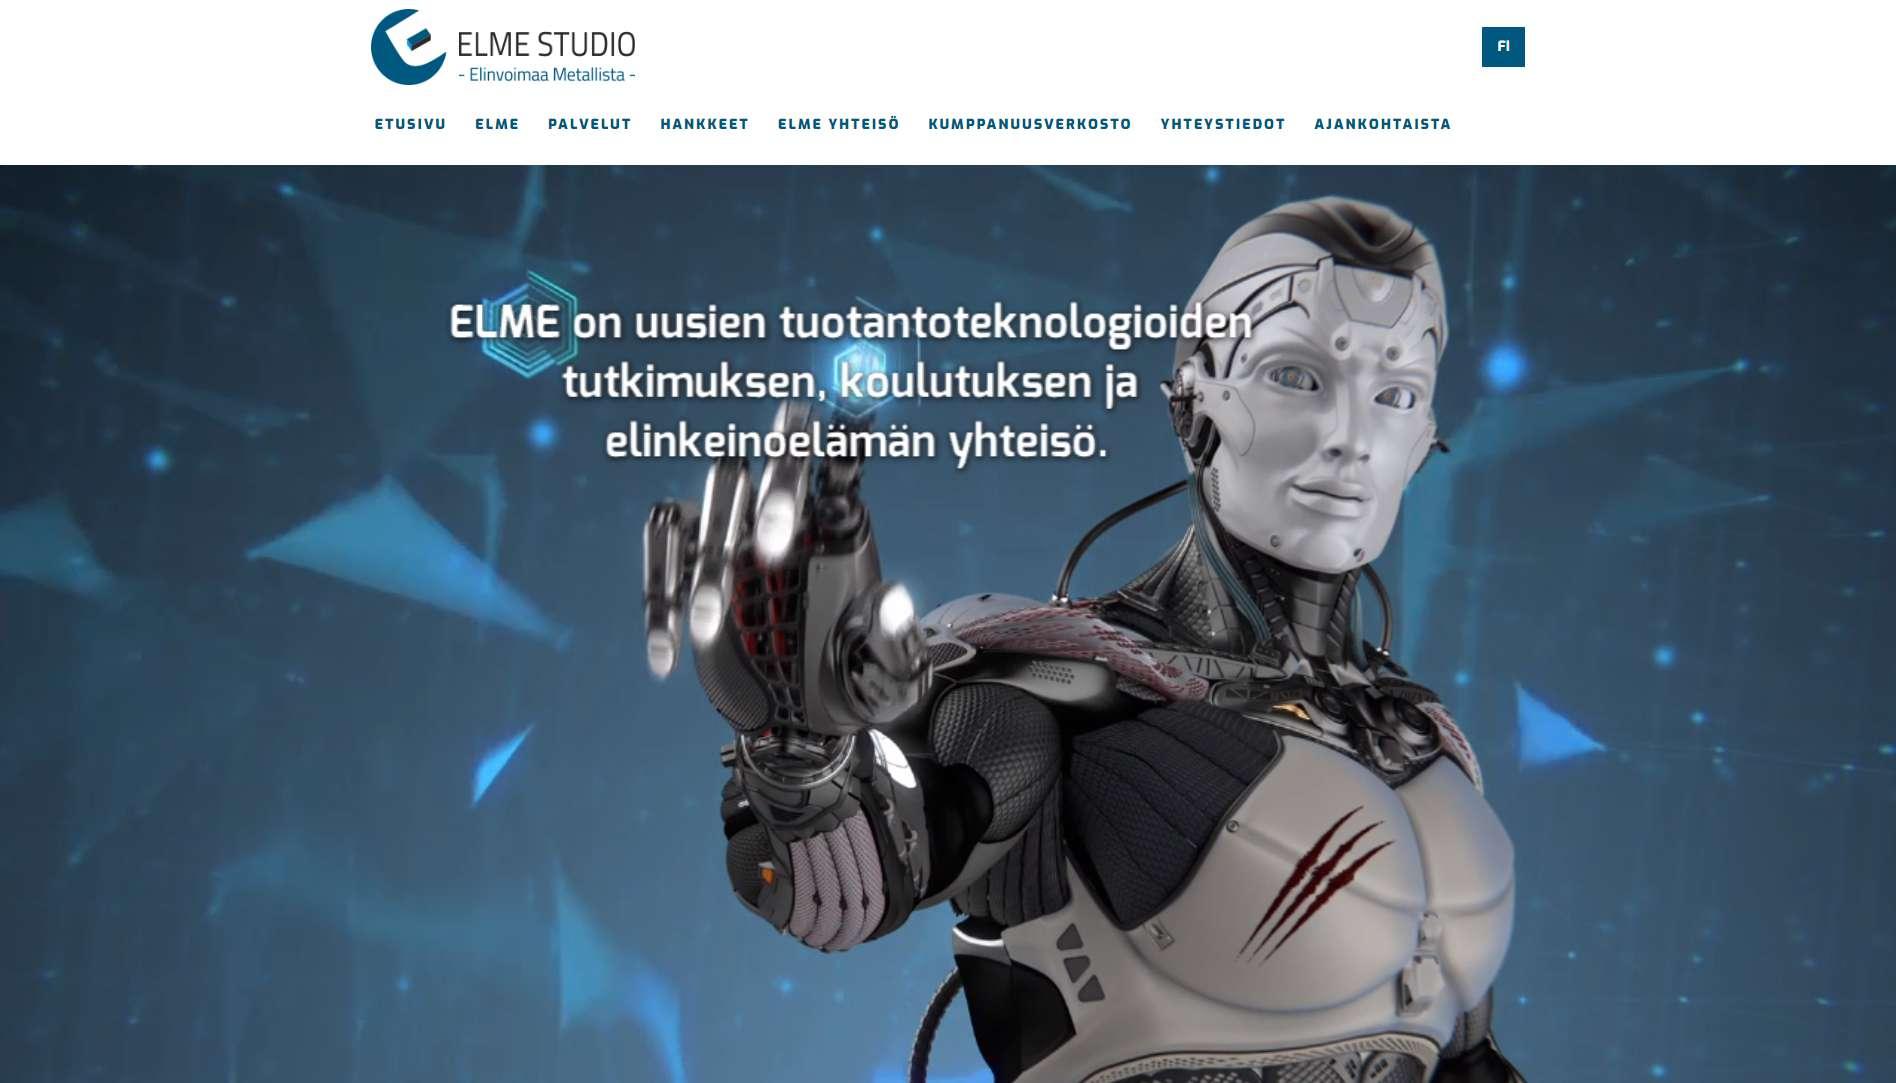 ELME Studio